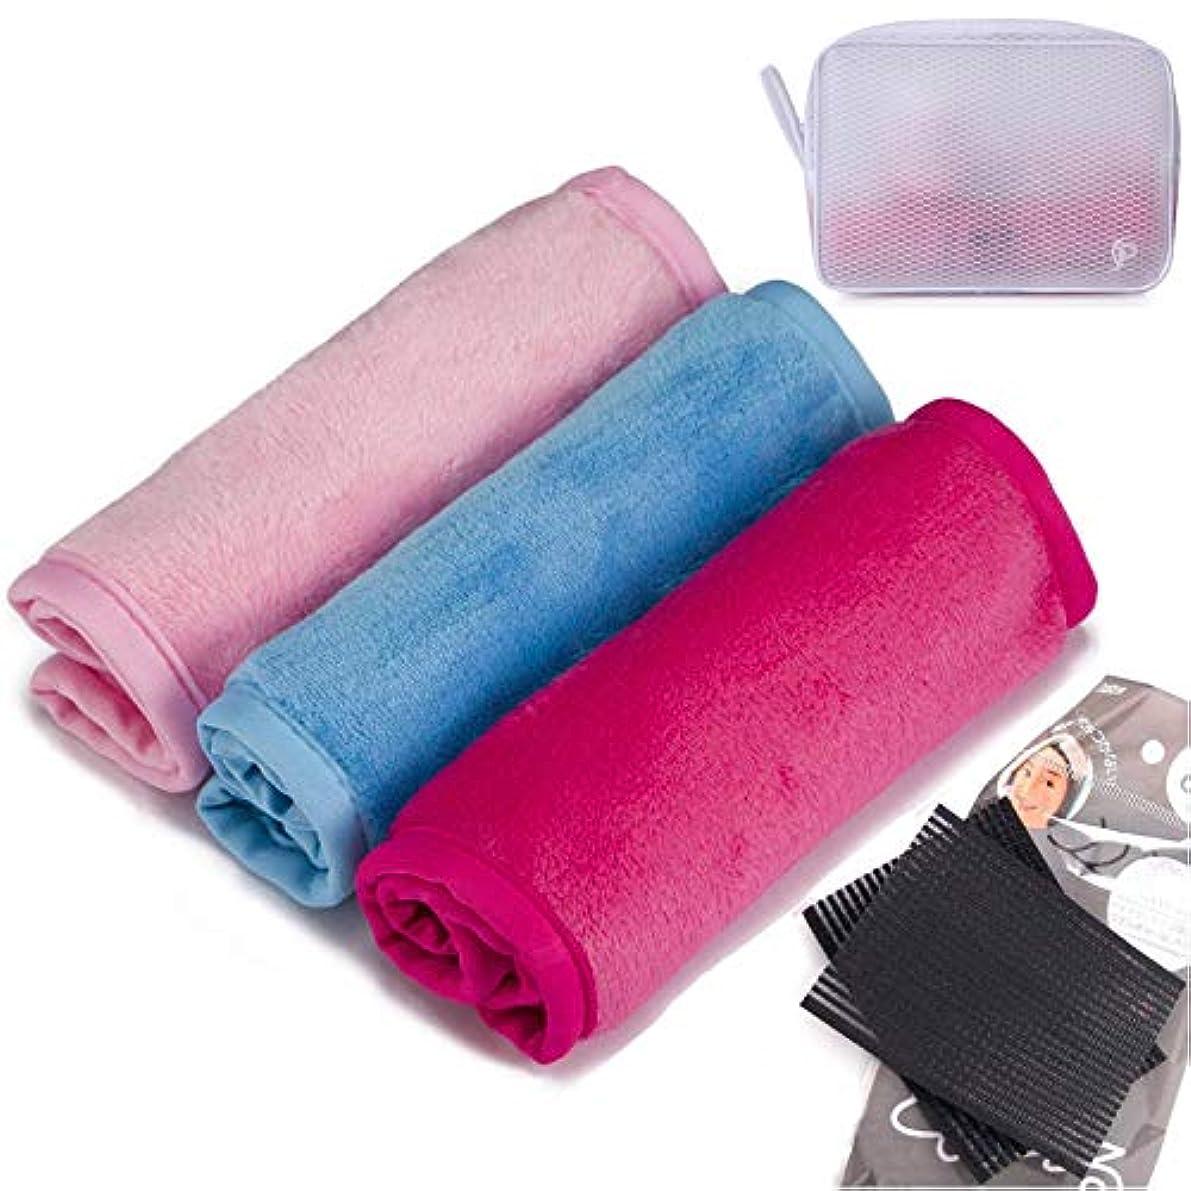 地下鉄レディ意欲メイク落とし布3枚パック - 水だけで落とせるのでケミカルフリー - 再利用可能な洗顔タオル - 返金保証付き(ピンク1枚+青1枚+ロージー1枚)